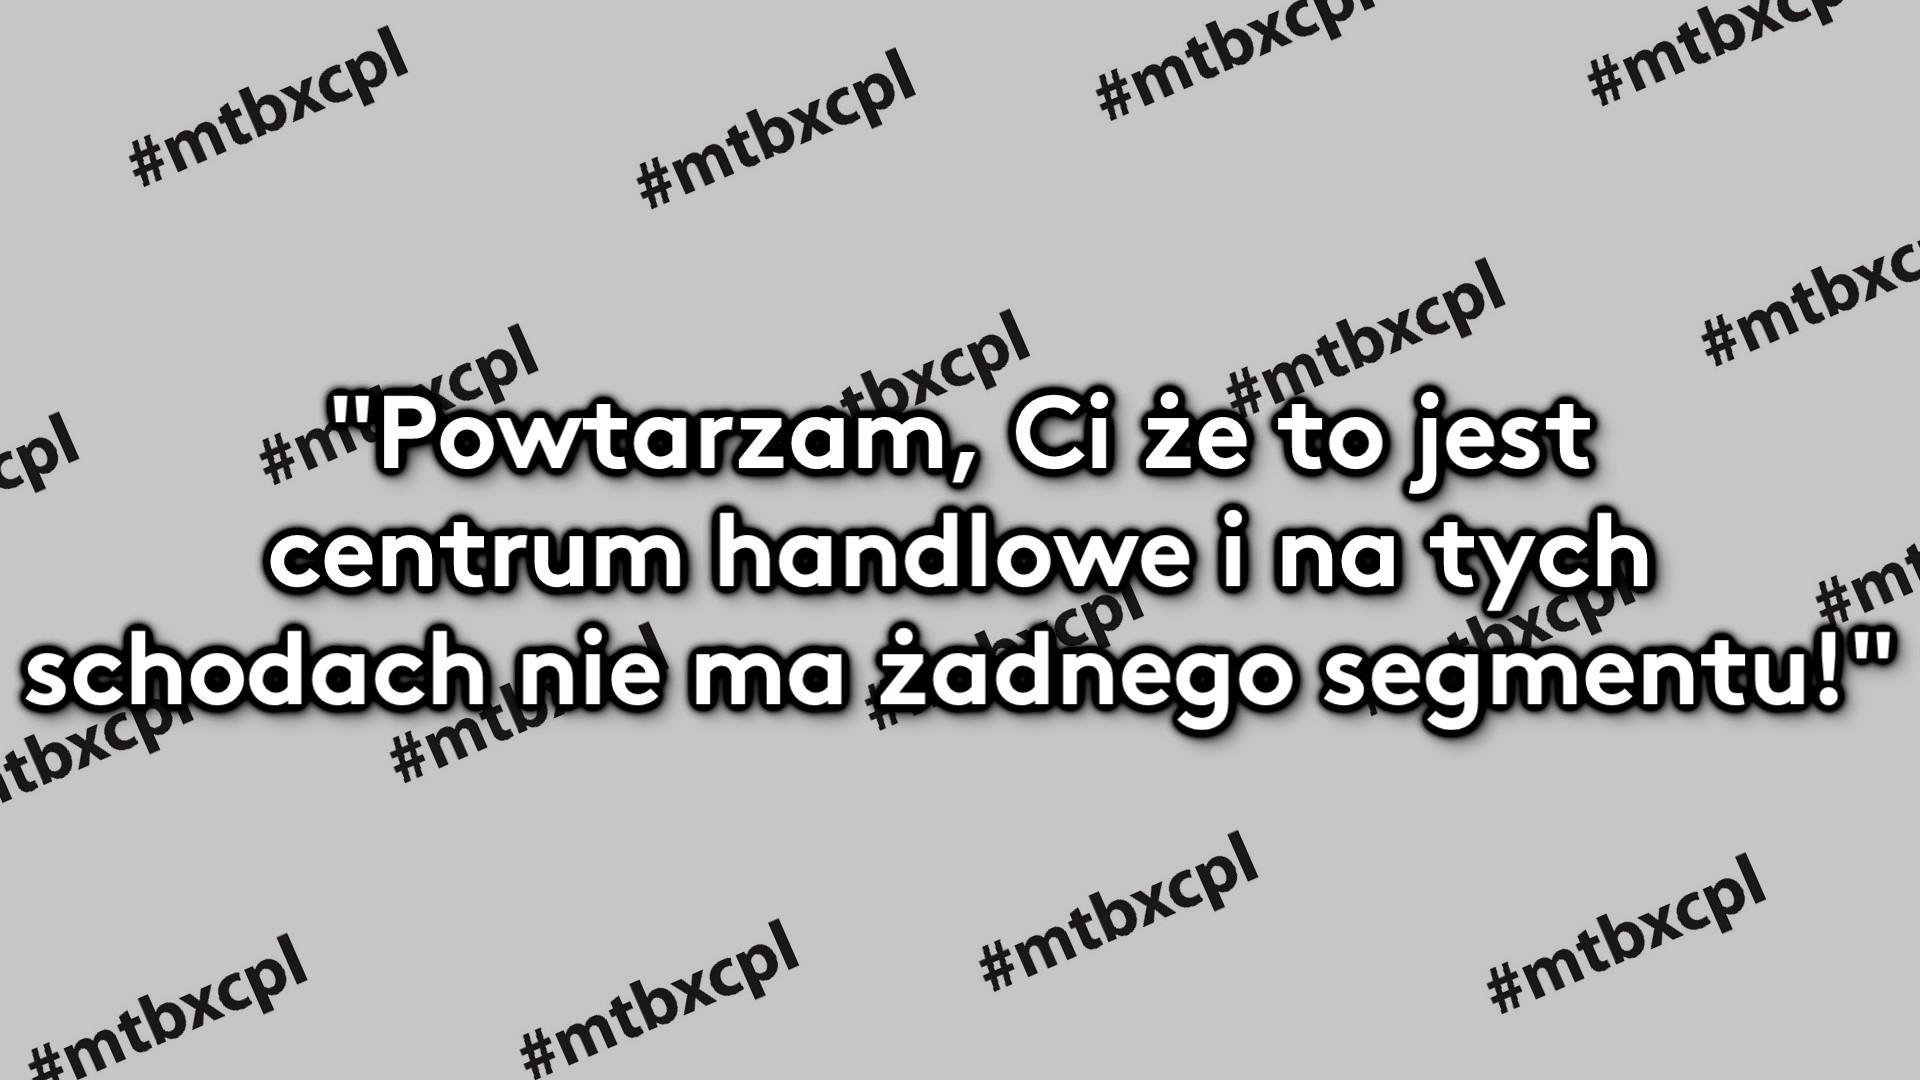 tekst mtbxcpl_000010